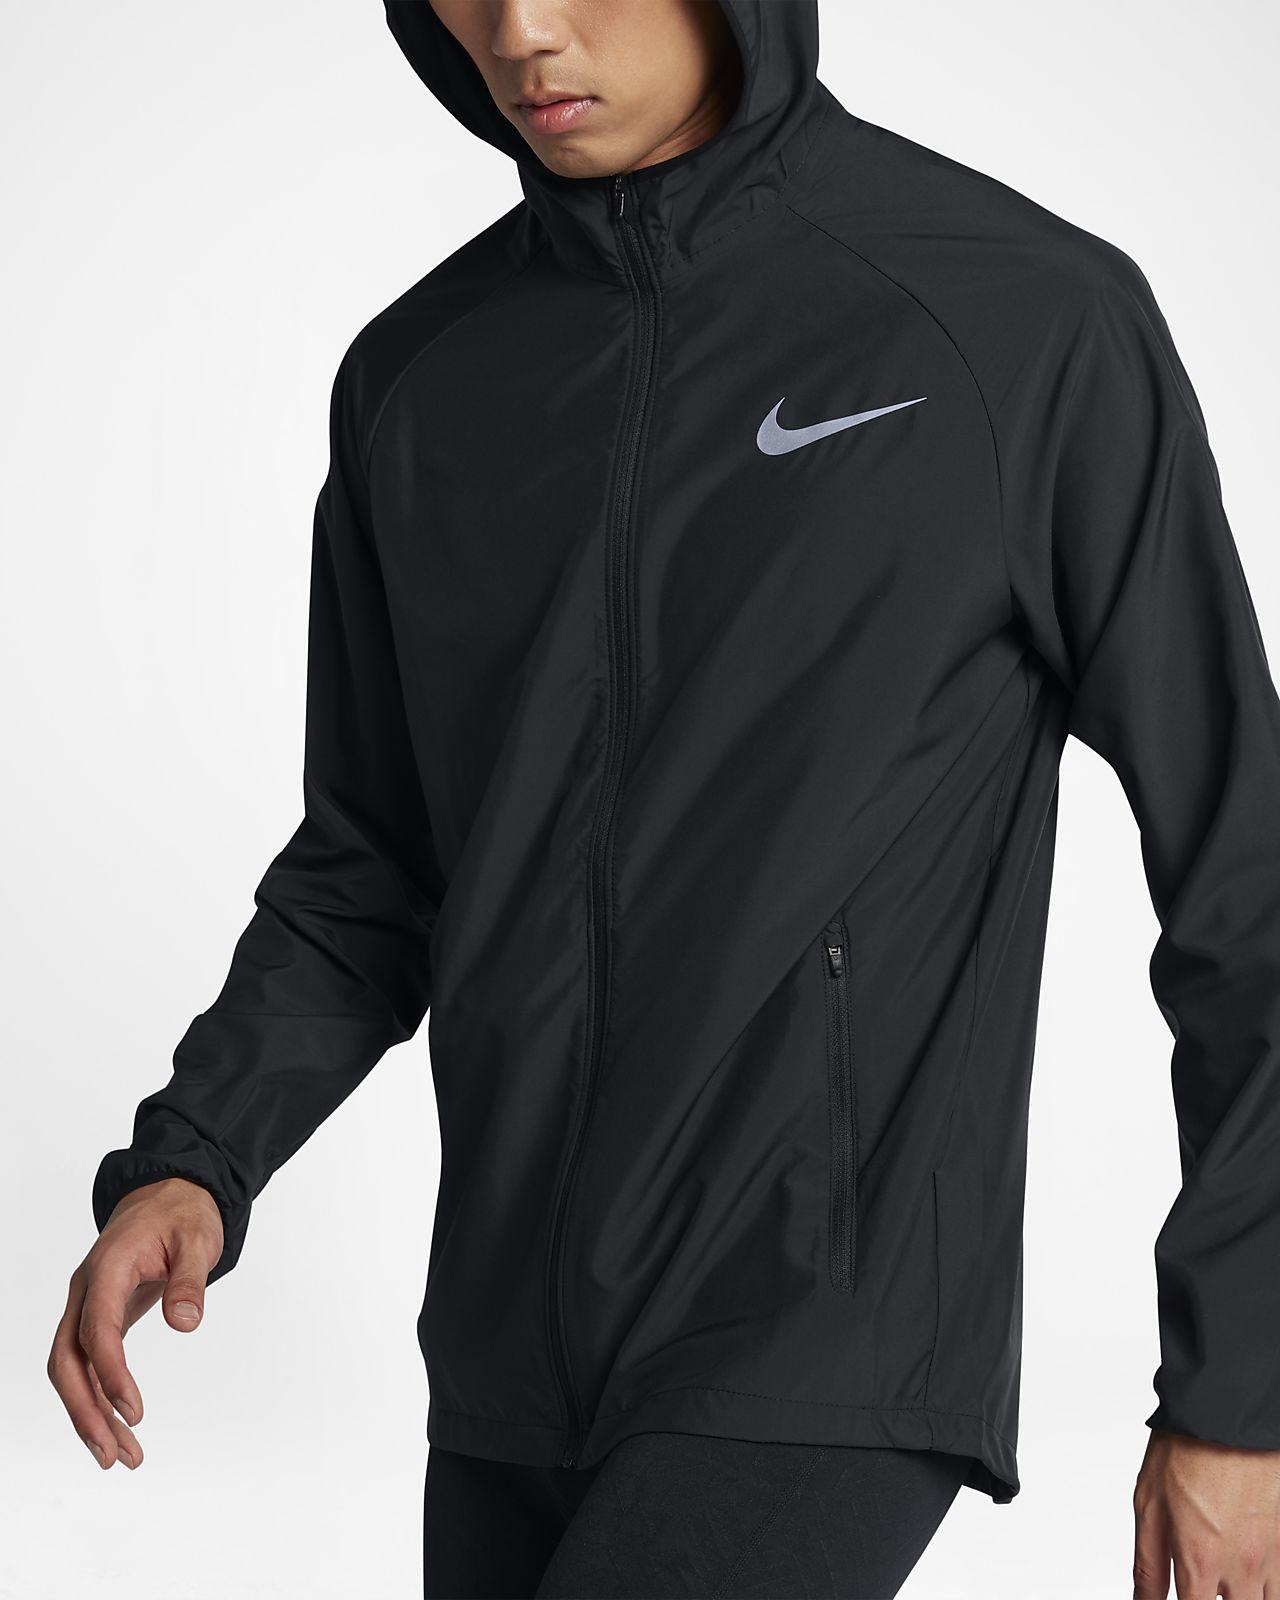 grande sconto fornitore ufficiale buona consistenza Giacca da running Nike Essential - Uomo